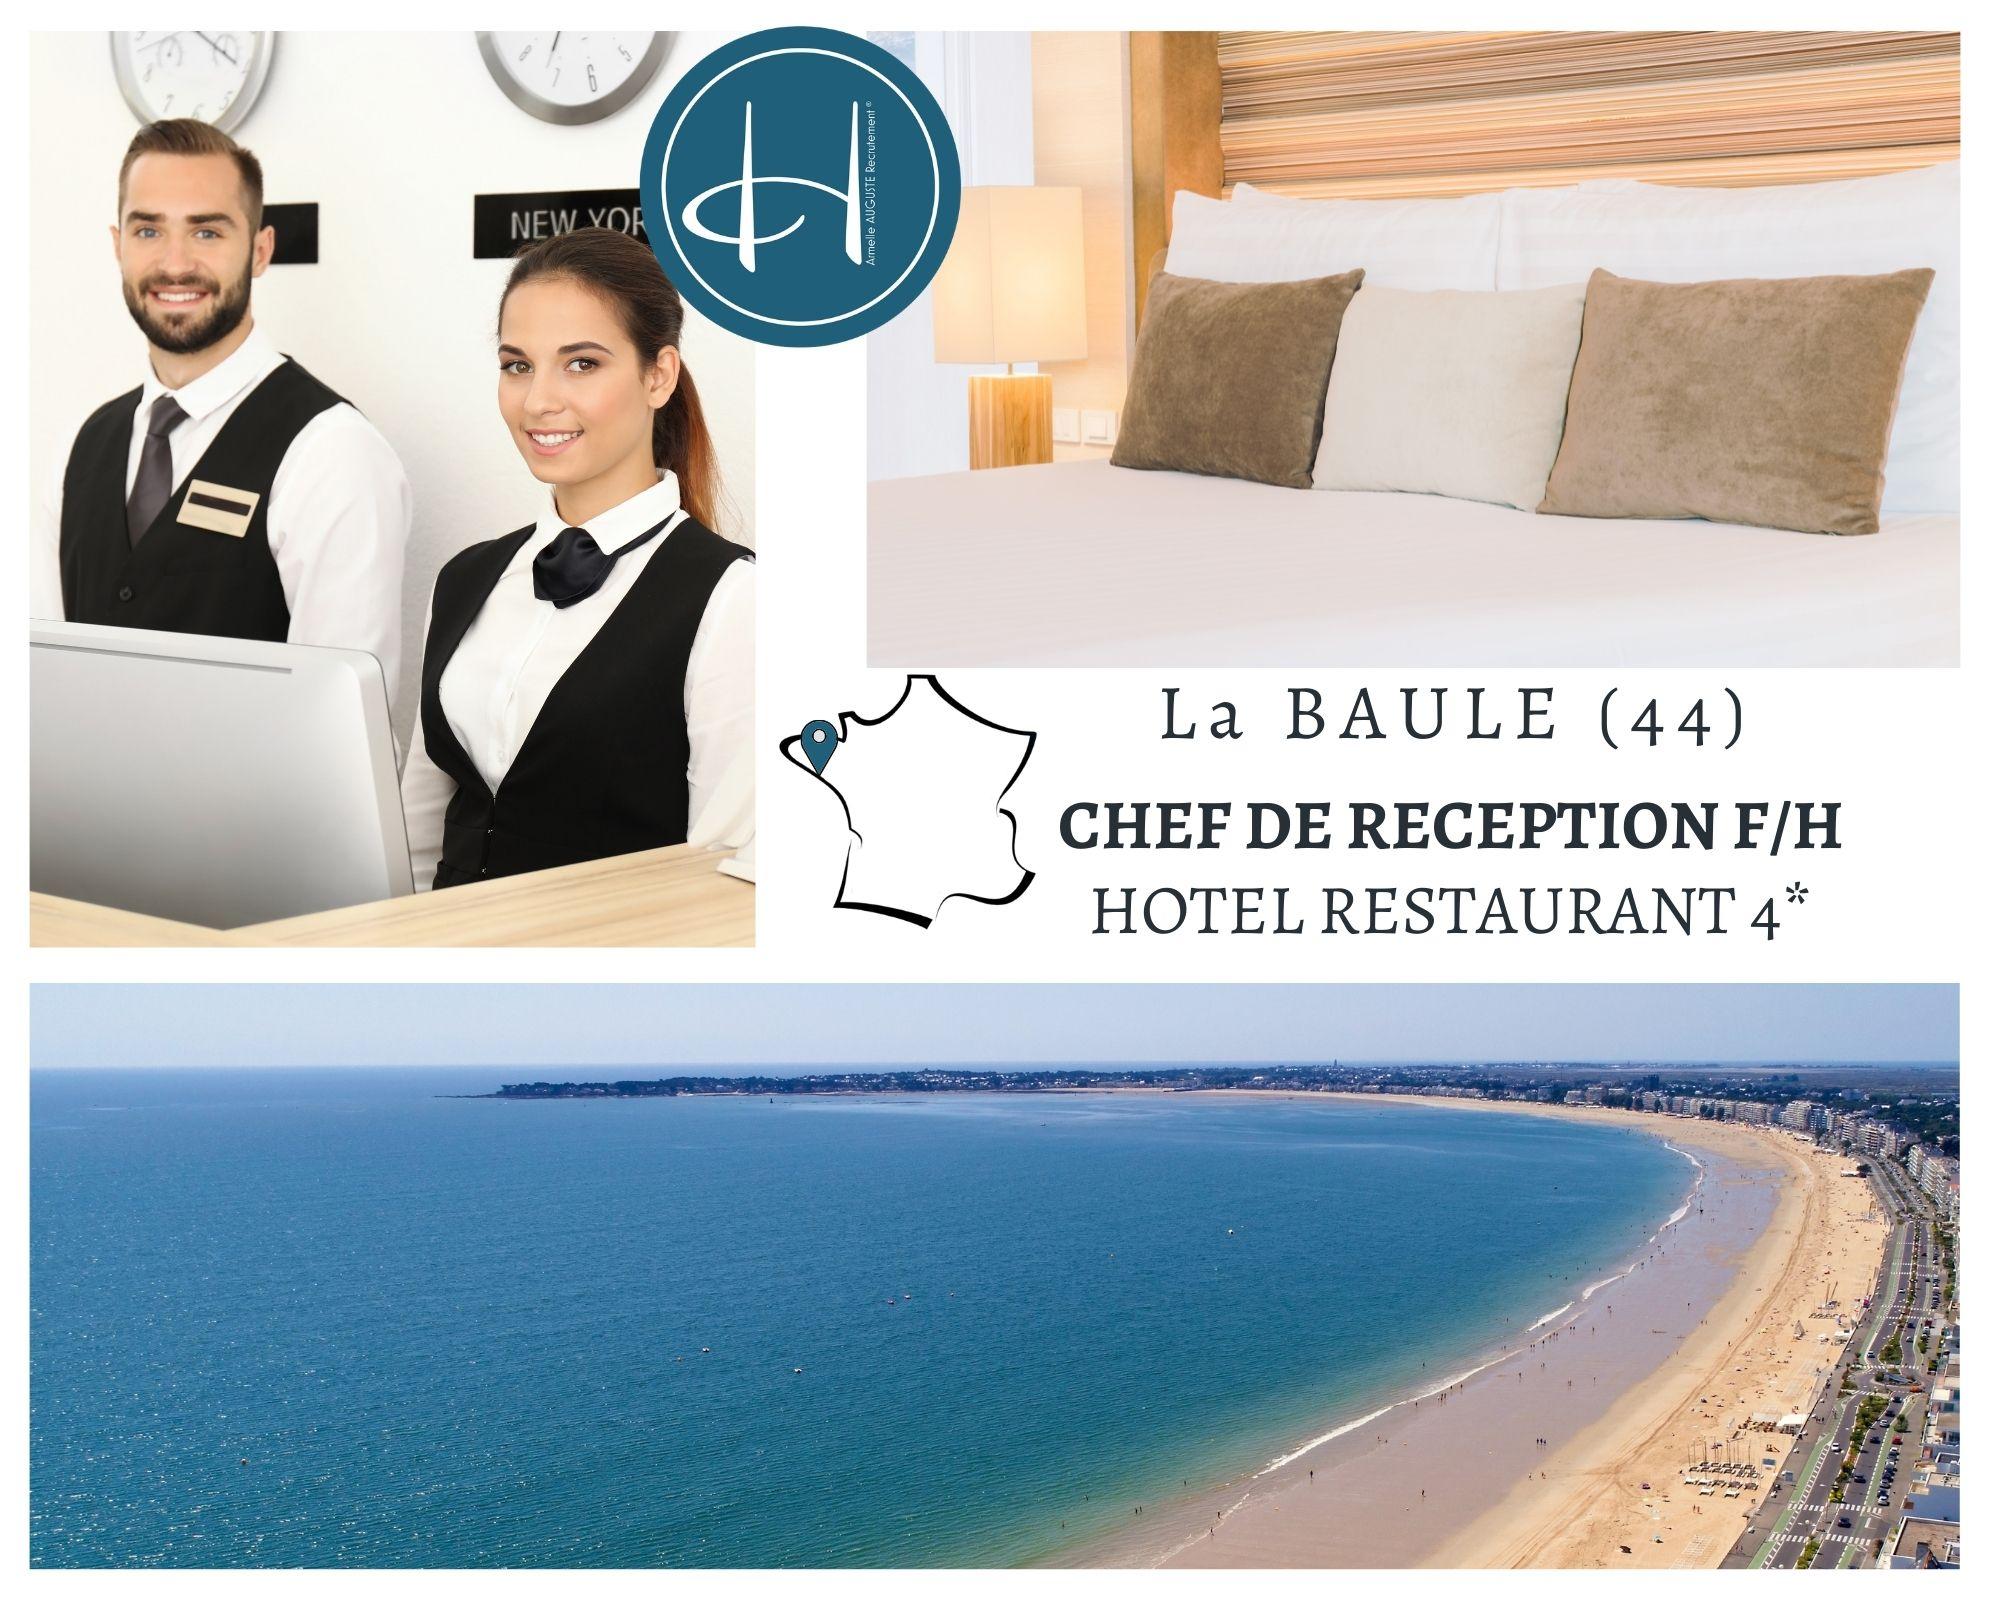 Recrutement: Chef de réception hôtel restaurant 4* F/H chez Armelle AUGUSTE Recrutement® à La Baule-Escoublac